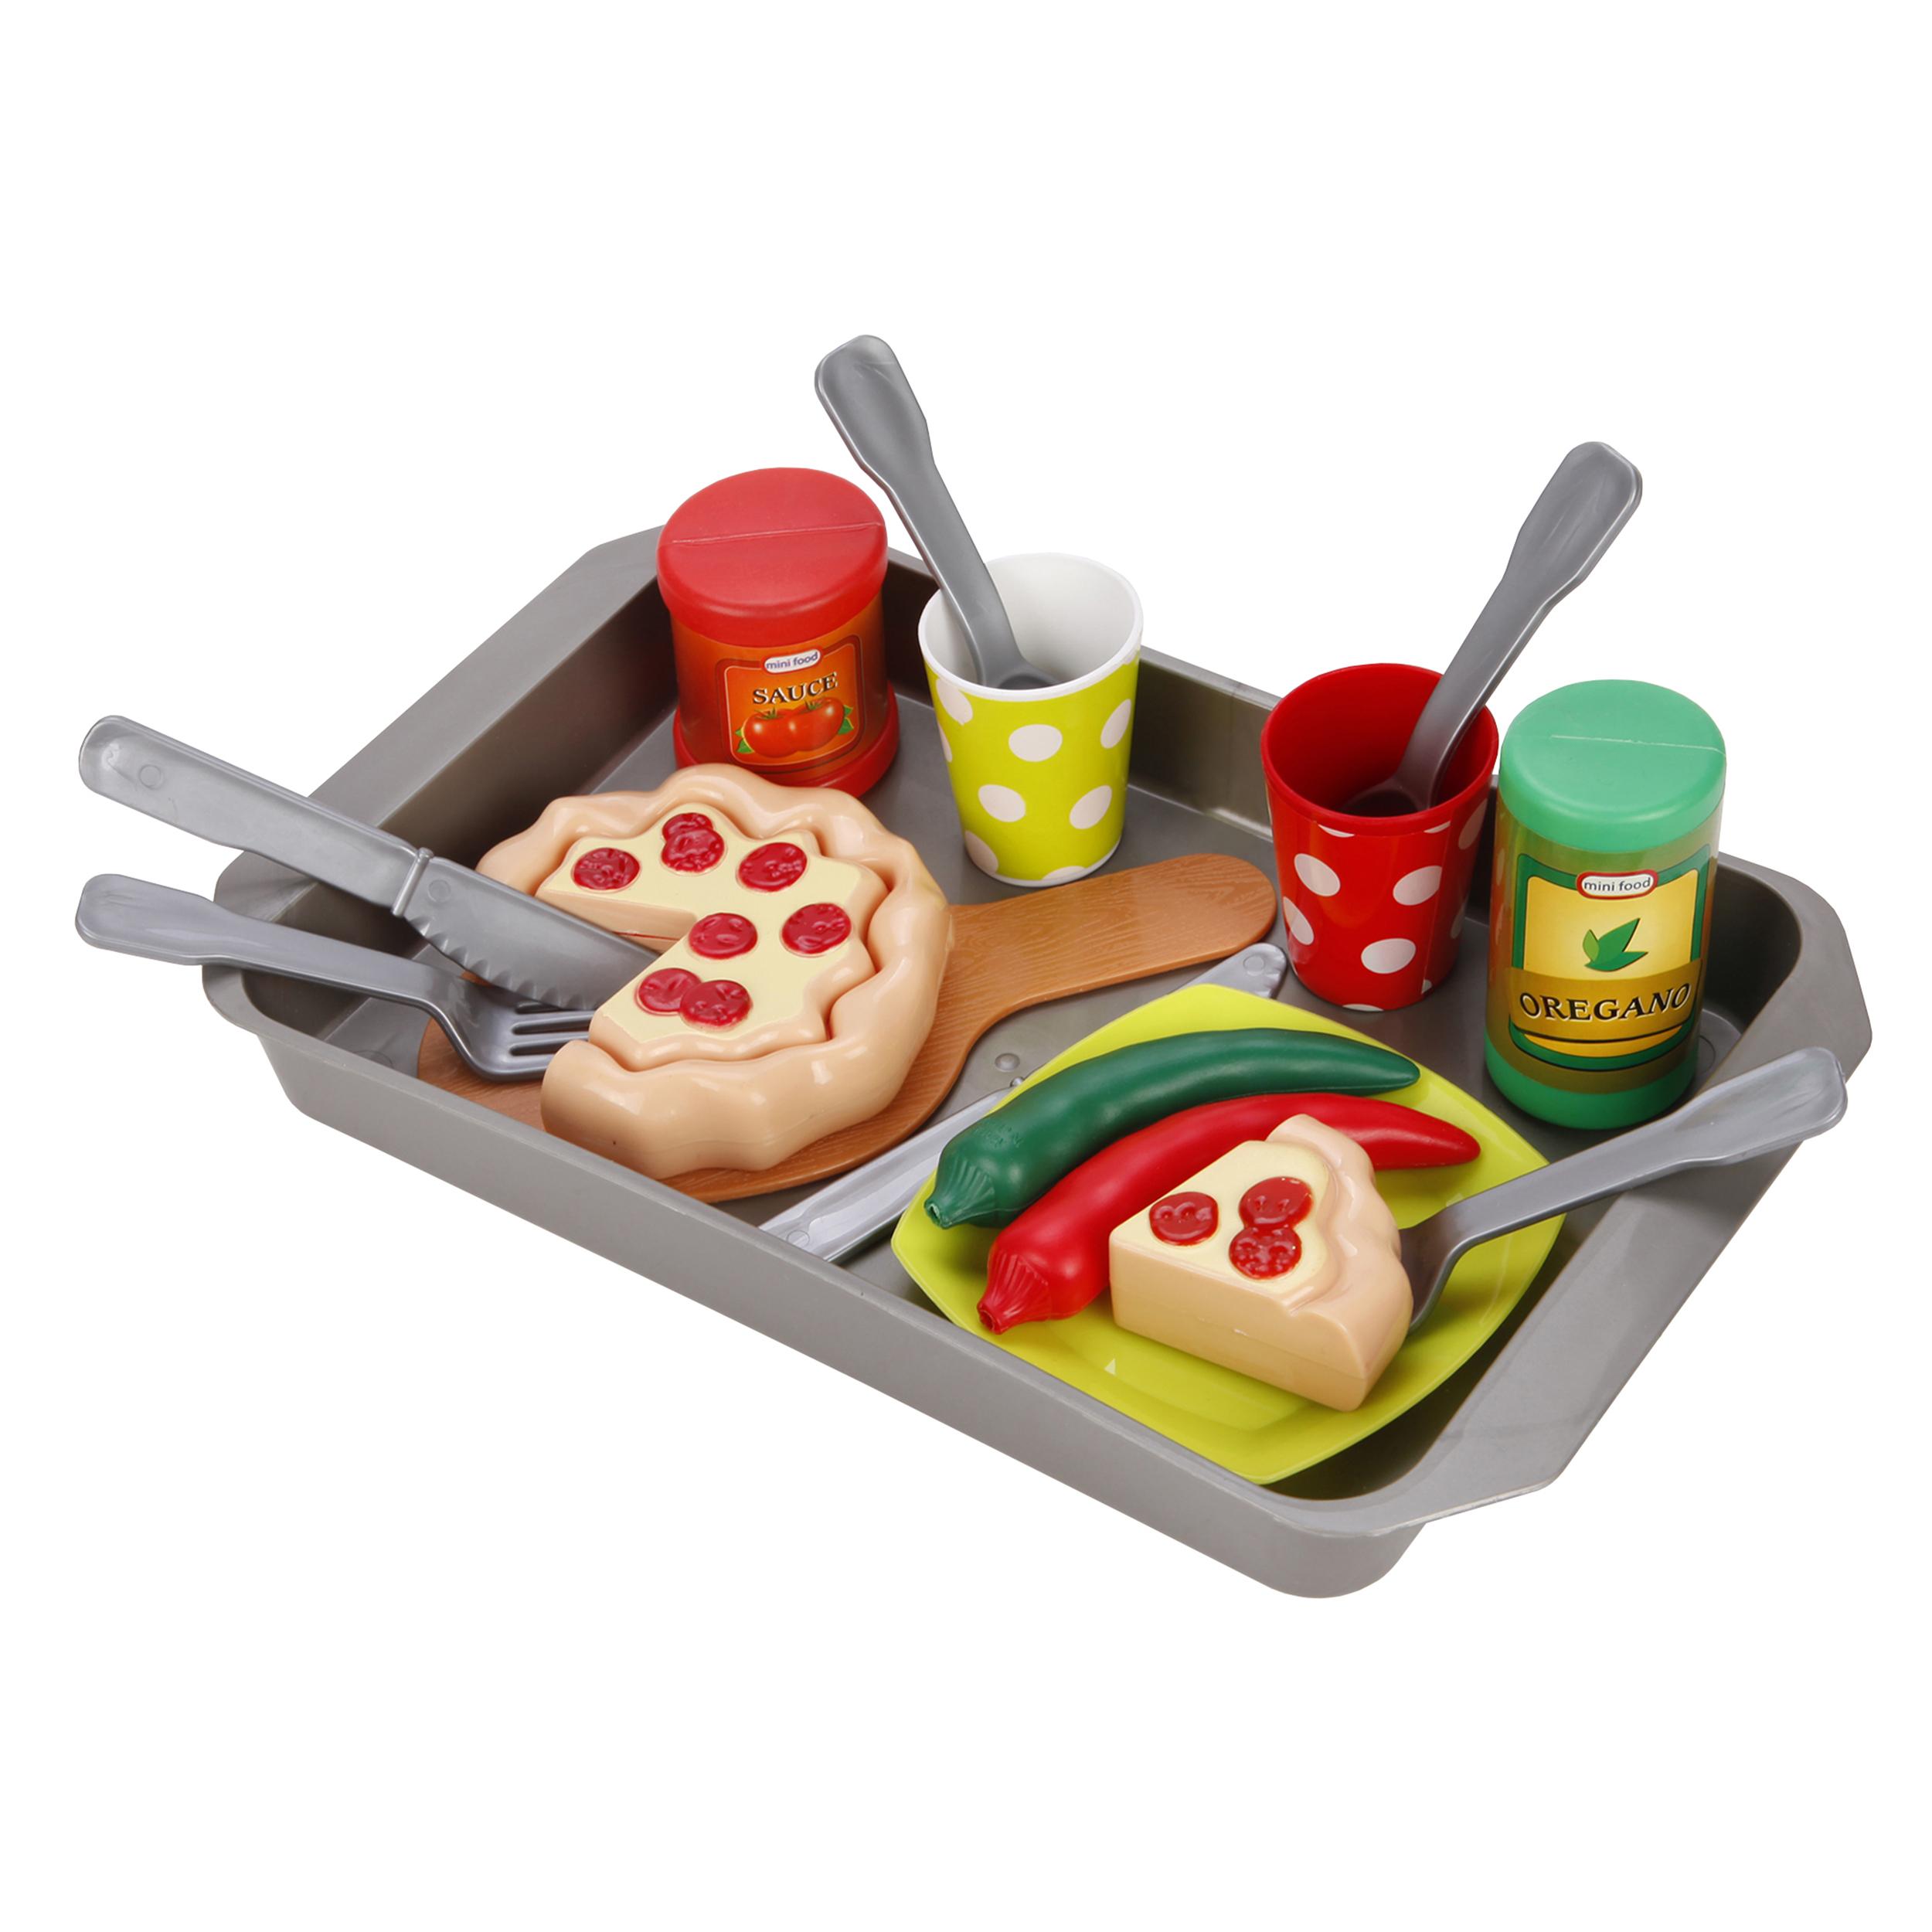 цена Набор посуды и продуктов Mary Poppins «Кухни мира. Итальянская пицерия» онлайн в 2017 году